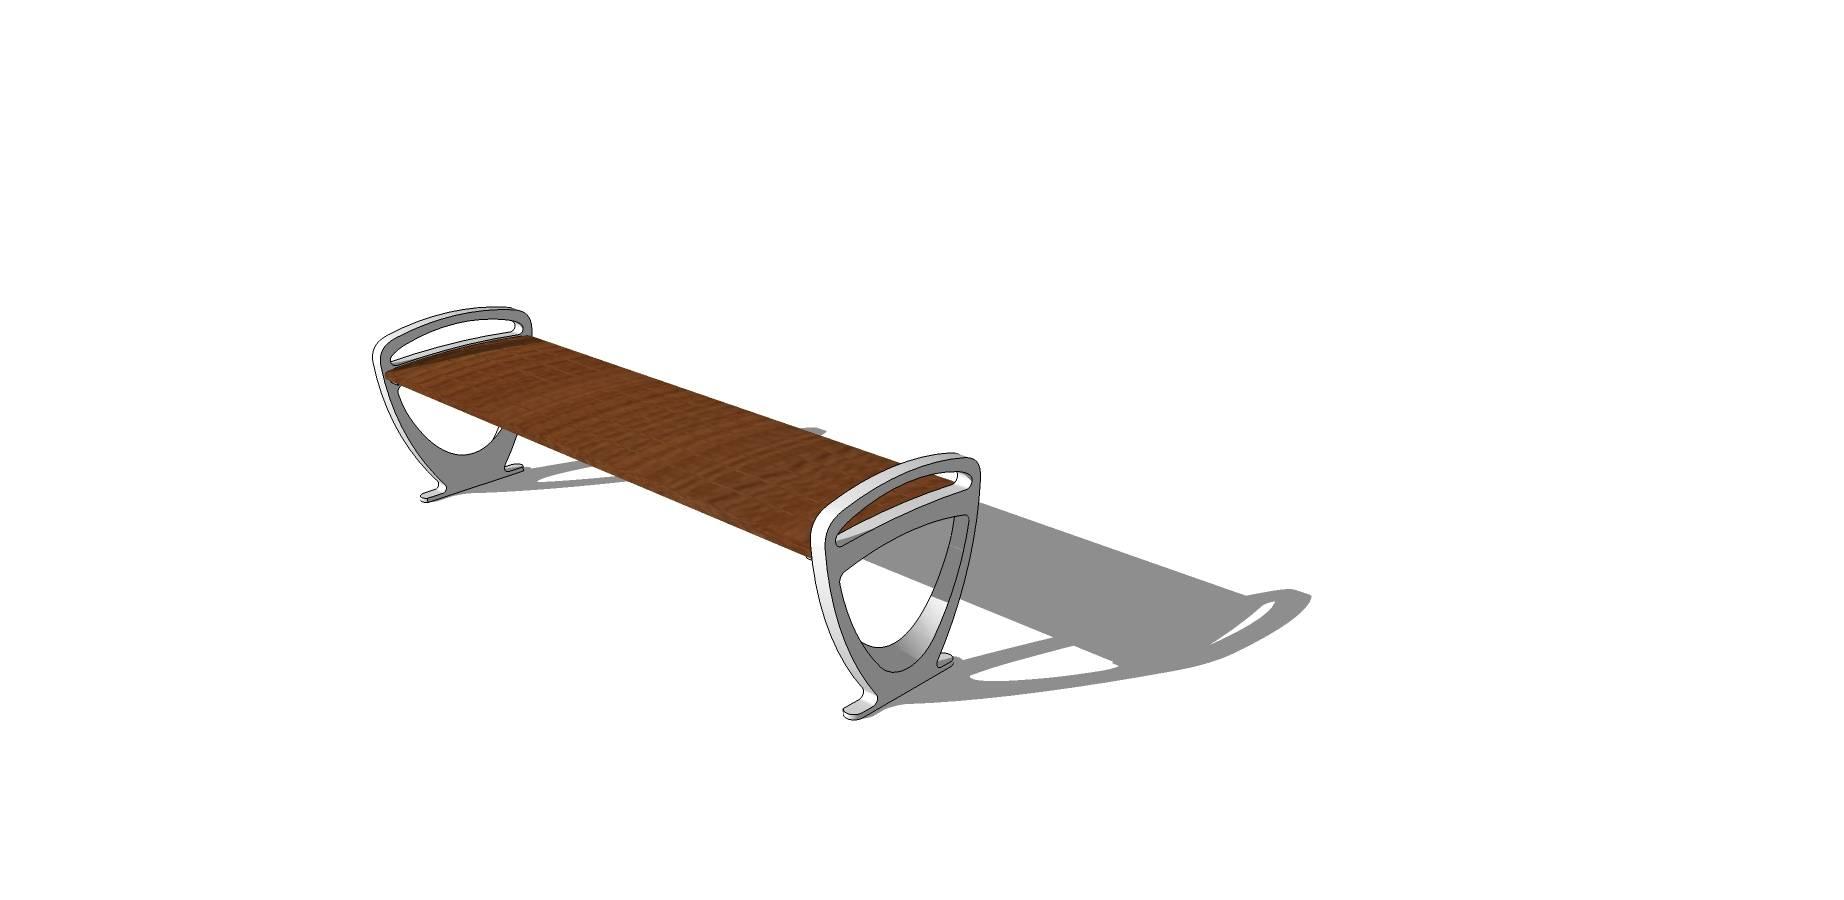 户外木质长凳sketchup模型素材